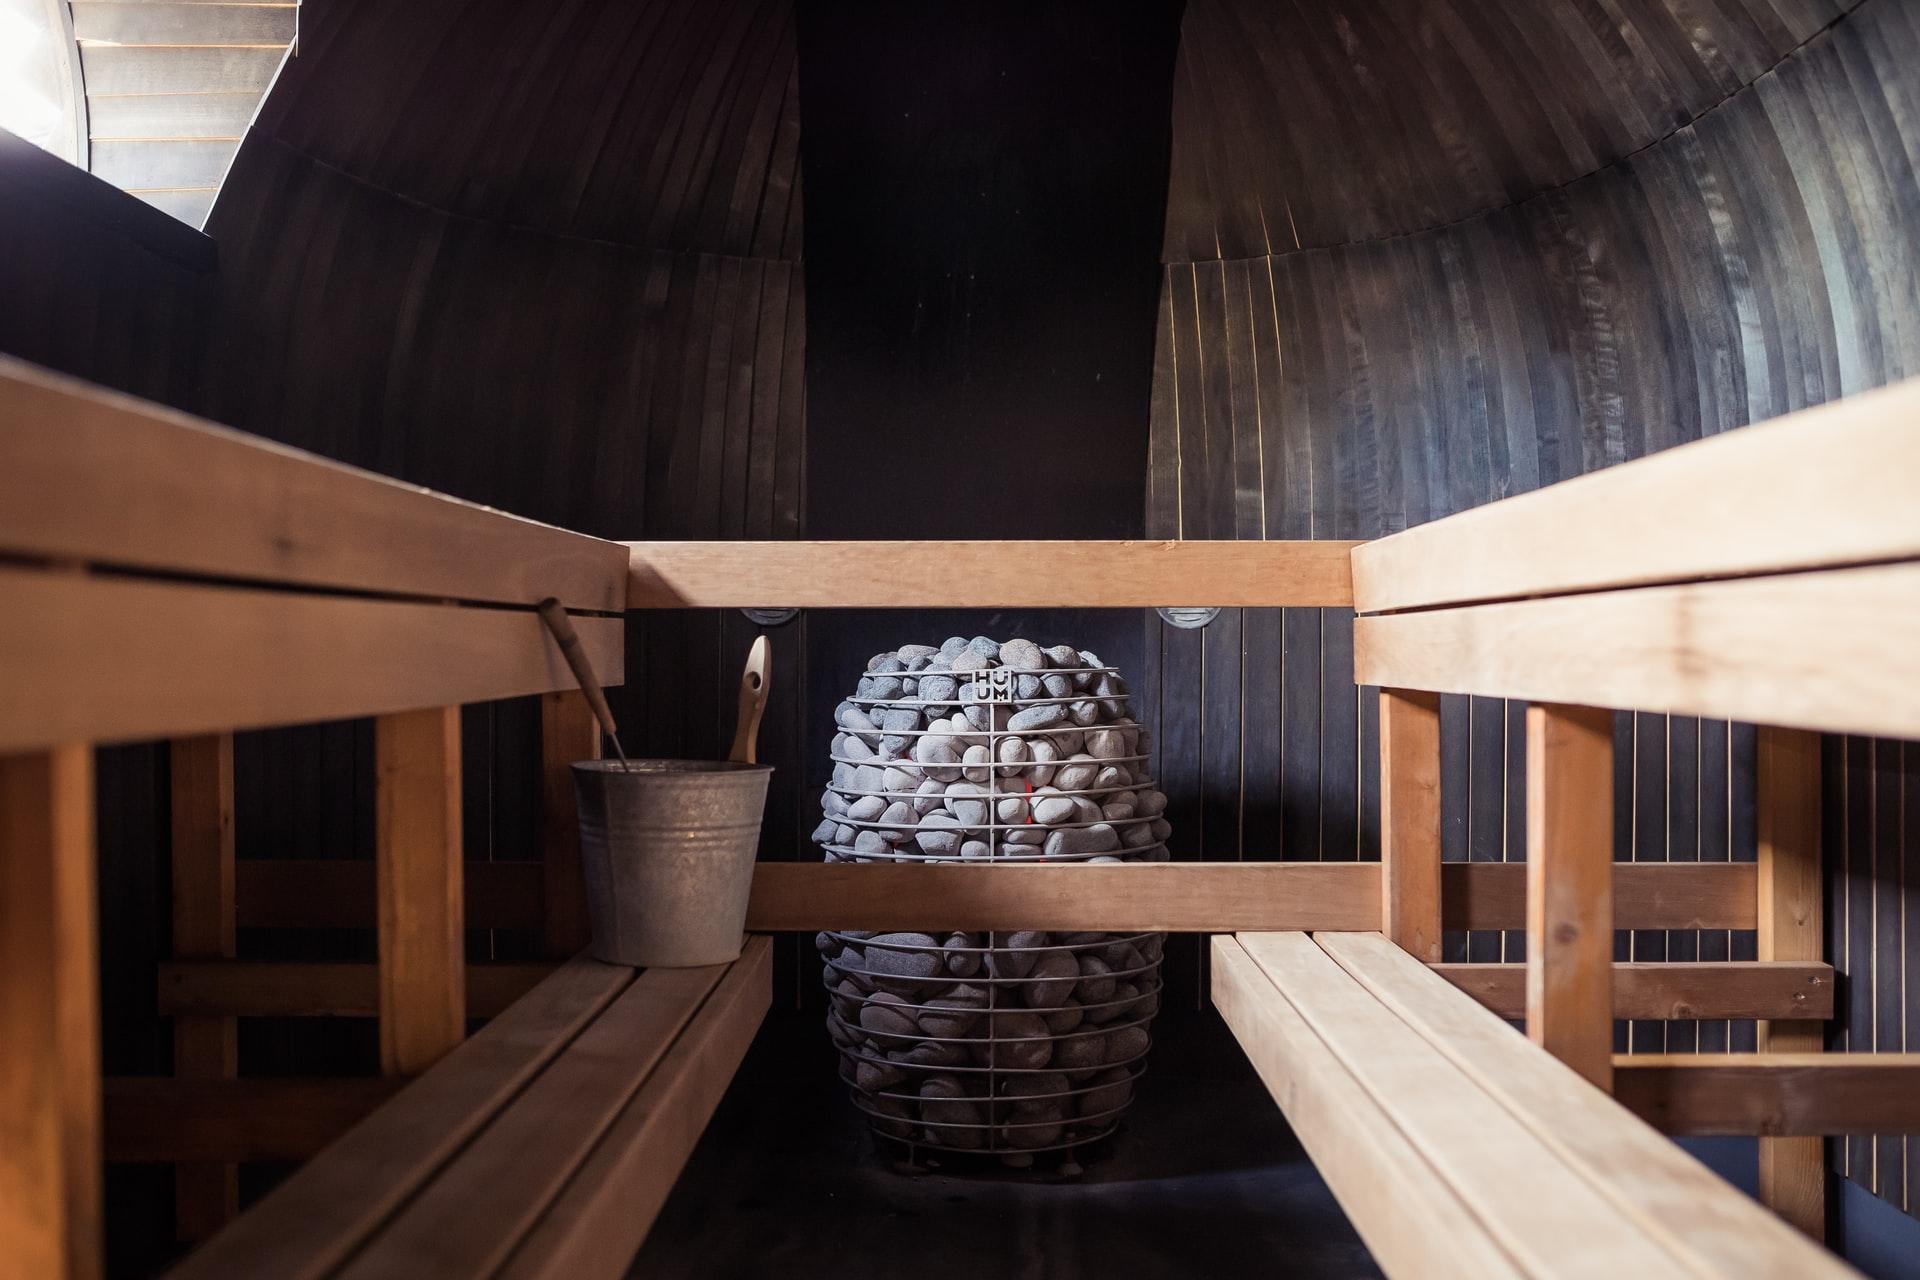 wat kost een sauna